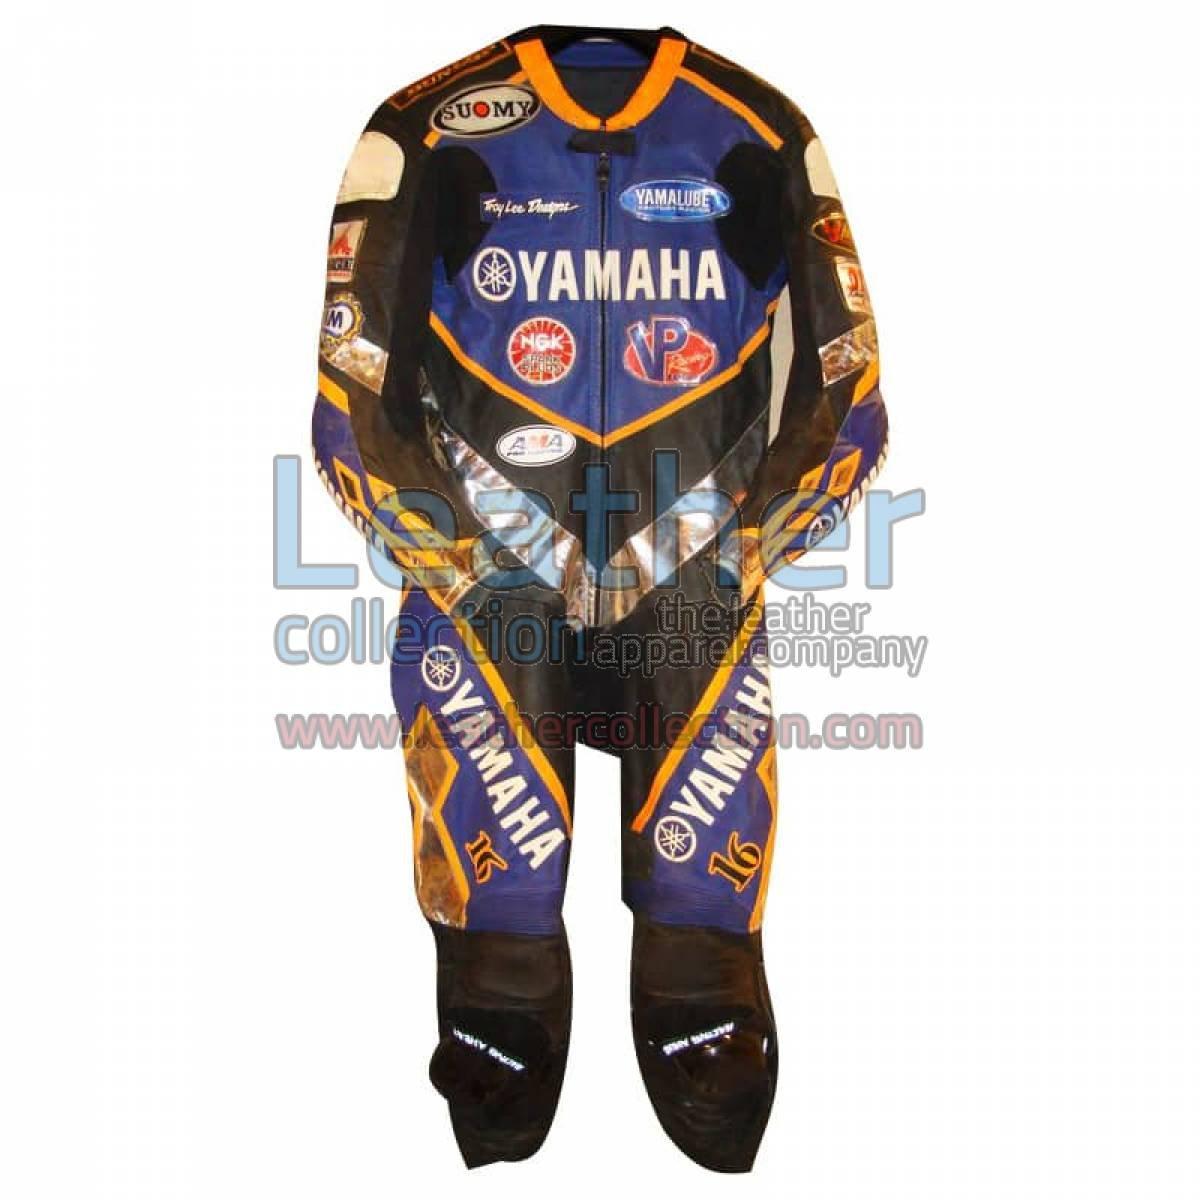 Anthony Gobert Yamaha Leathers 2002 AMA